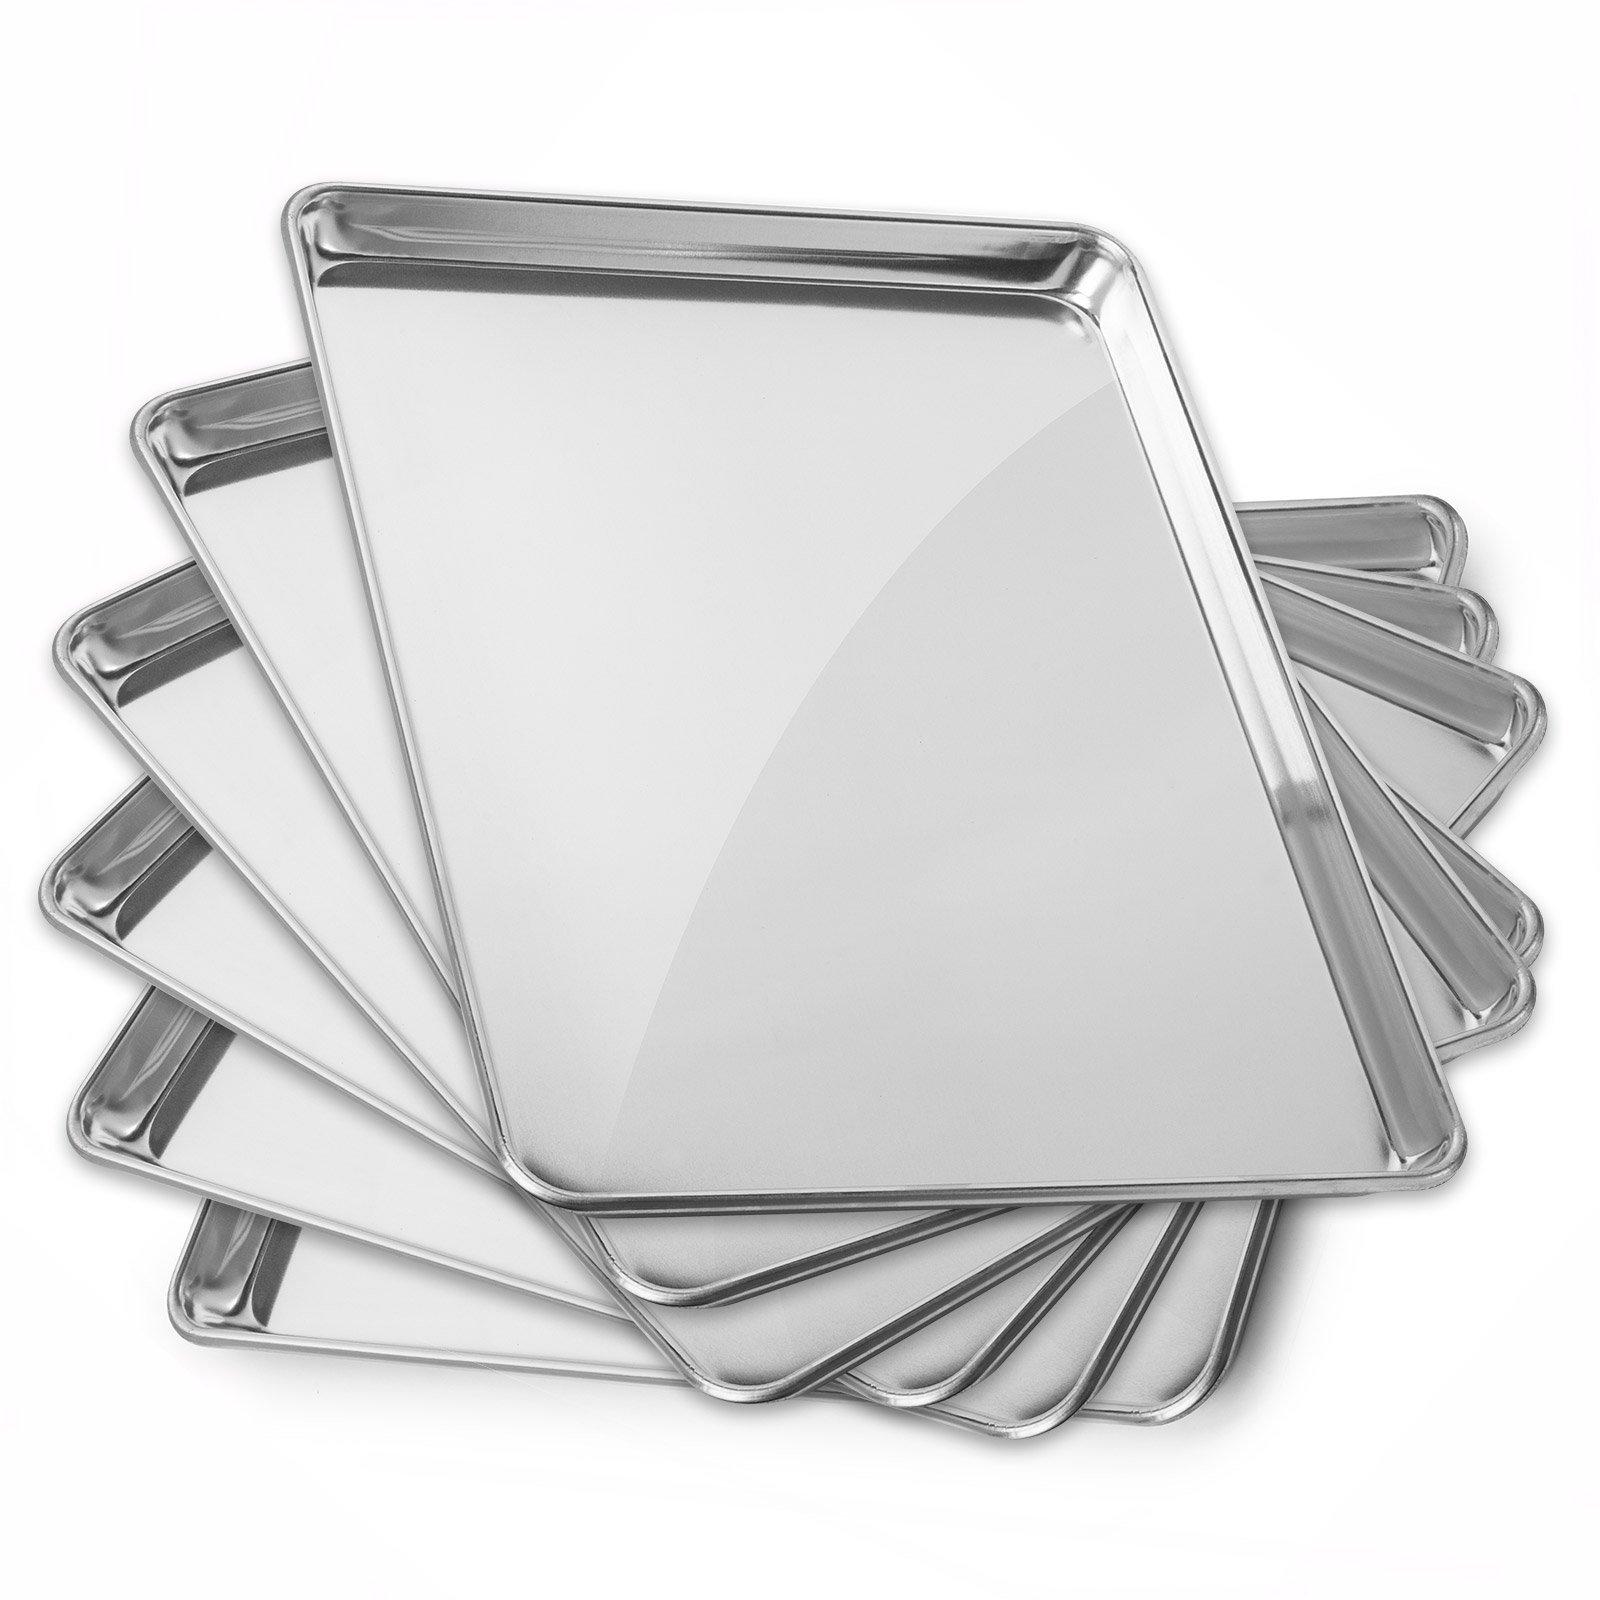 Gridmann 15 X 21 Commercial Grade Aluminium Cookie Sheet Baking Tray Pan Thre.. 10